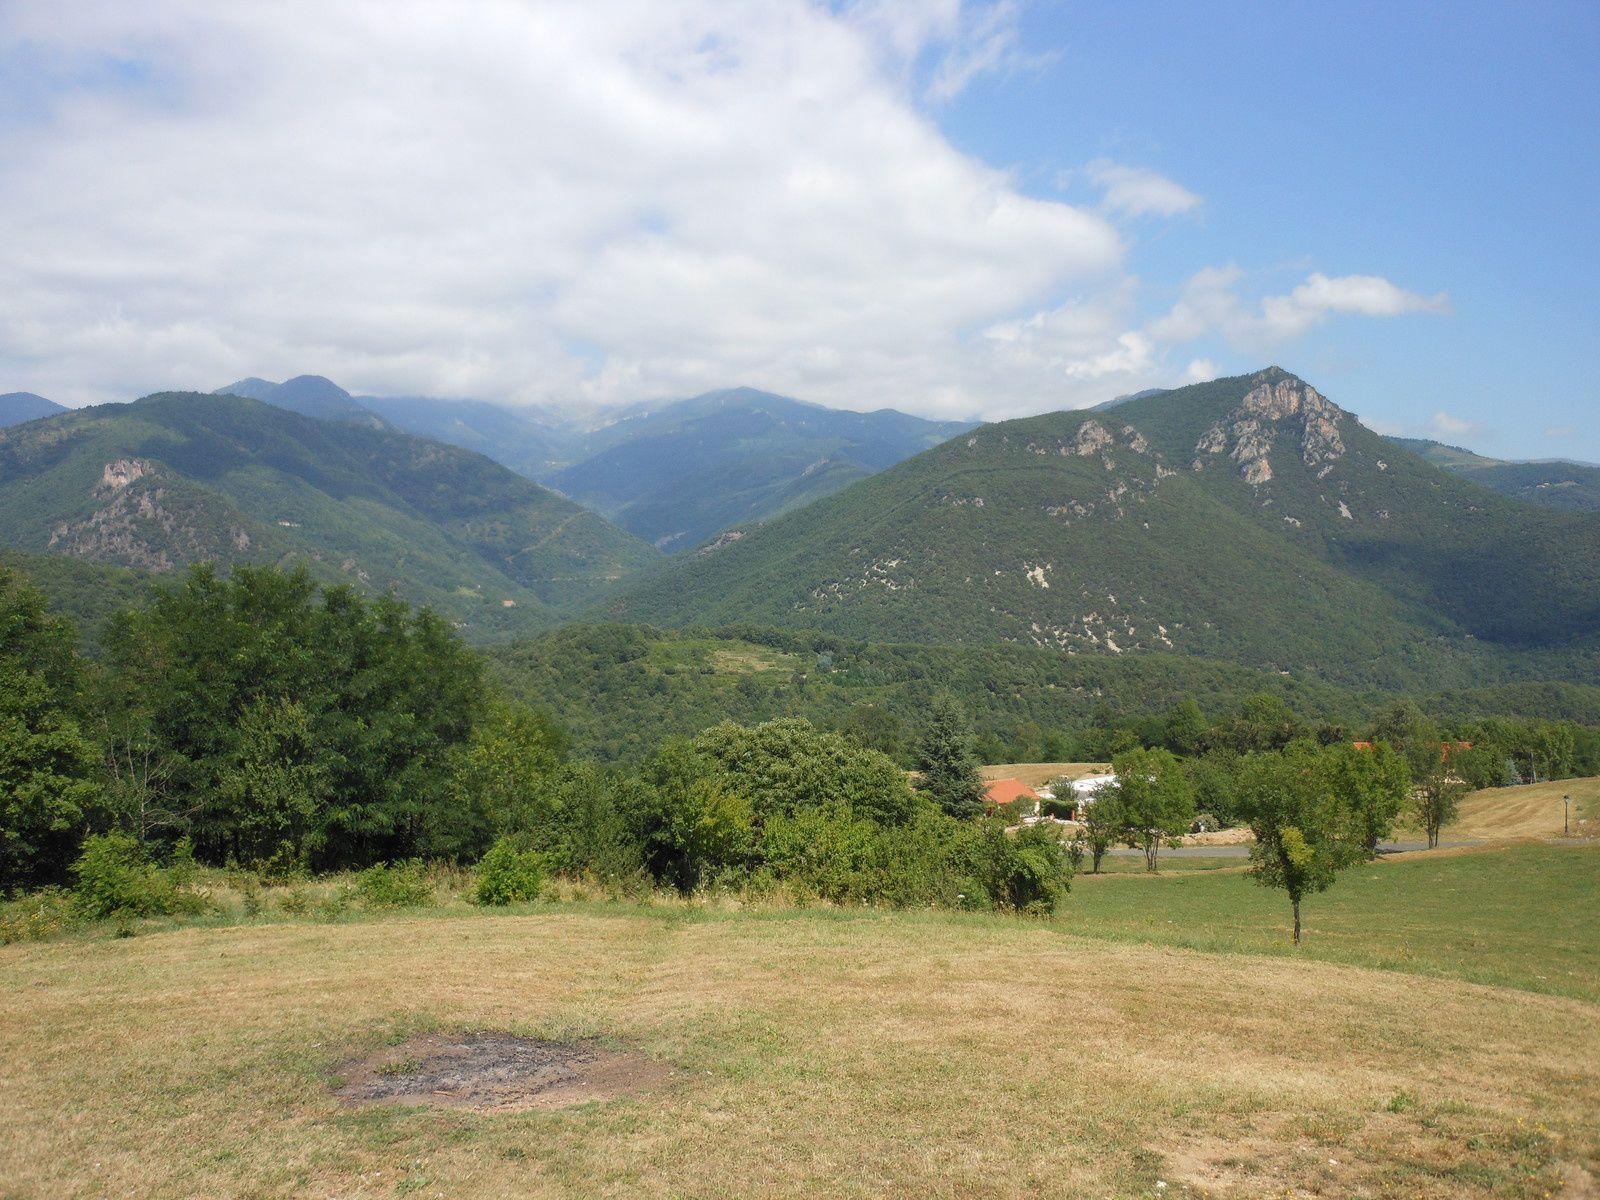 Le massif du Canigou depuis Serralongue (Pyrénées-Orientales). Territoire lauréat de l'appel à projet 2015